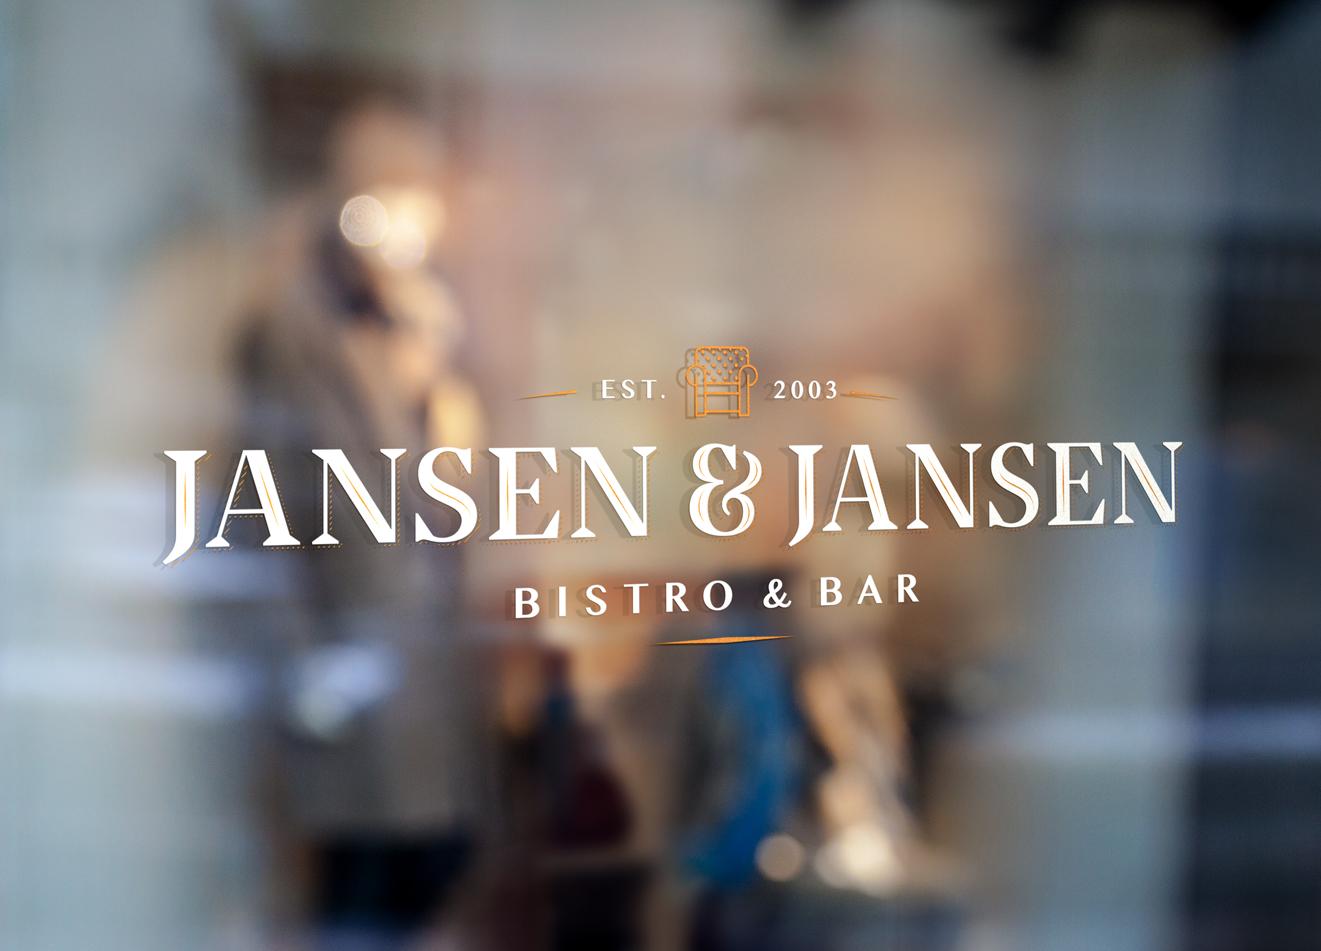 Jansen & Jansen raam